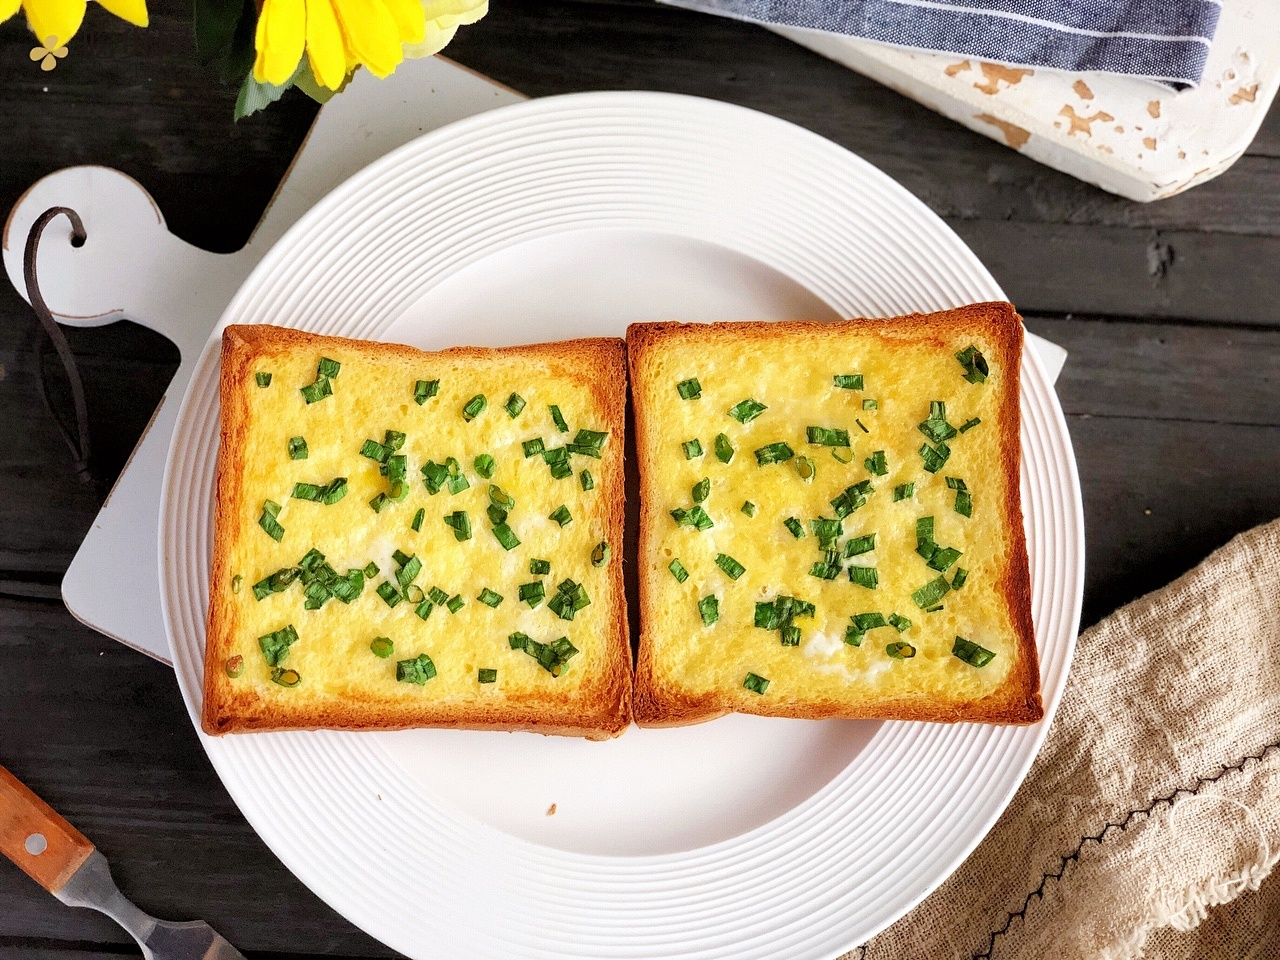 吐司片的一百种吃法之香葱鸡蛋吐司片,10分钟快手早餐,咸香酥脆的做法 步骤9